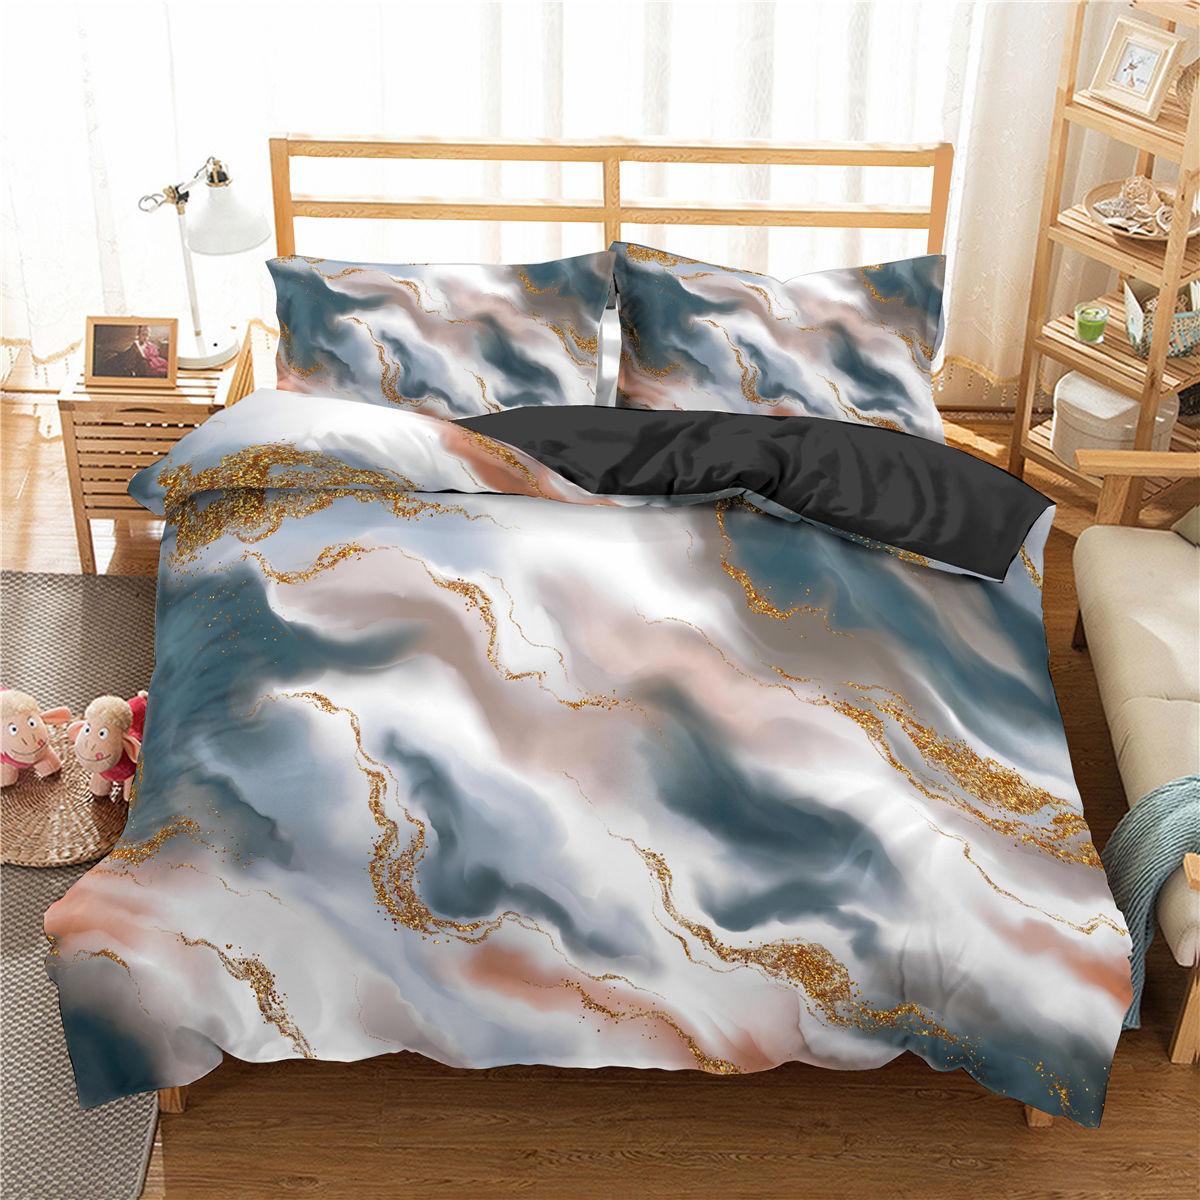 تخصيص غطاء لحاف و المخدة الفاخرة الرخام نمط المنسوجات المنزلية التوأم الملكة الملك طقم سرير 2/3 قطعة غطاء لحاف هندسي